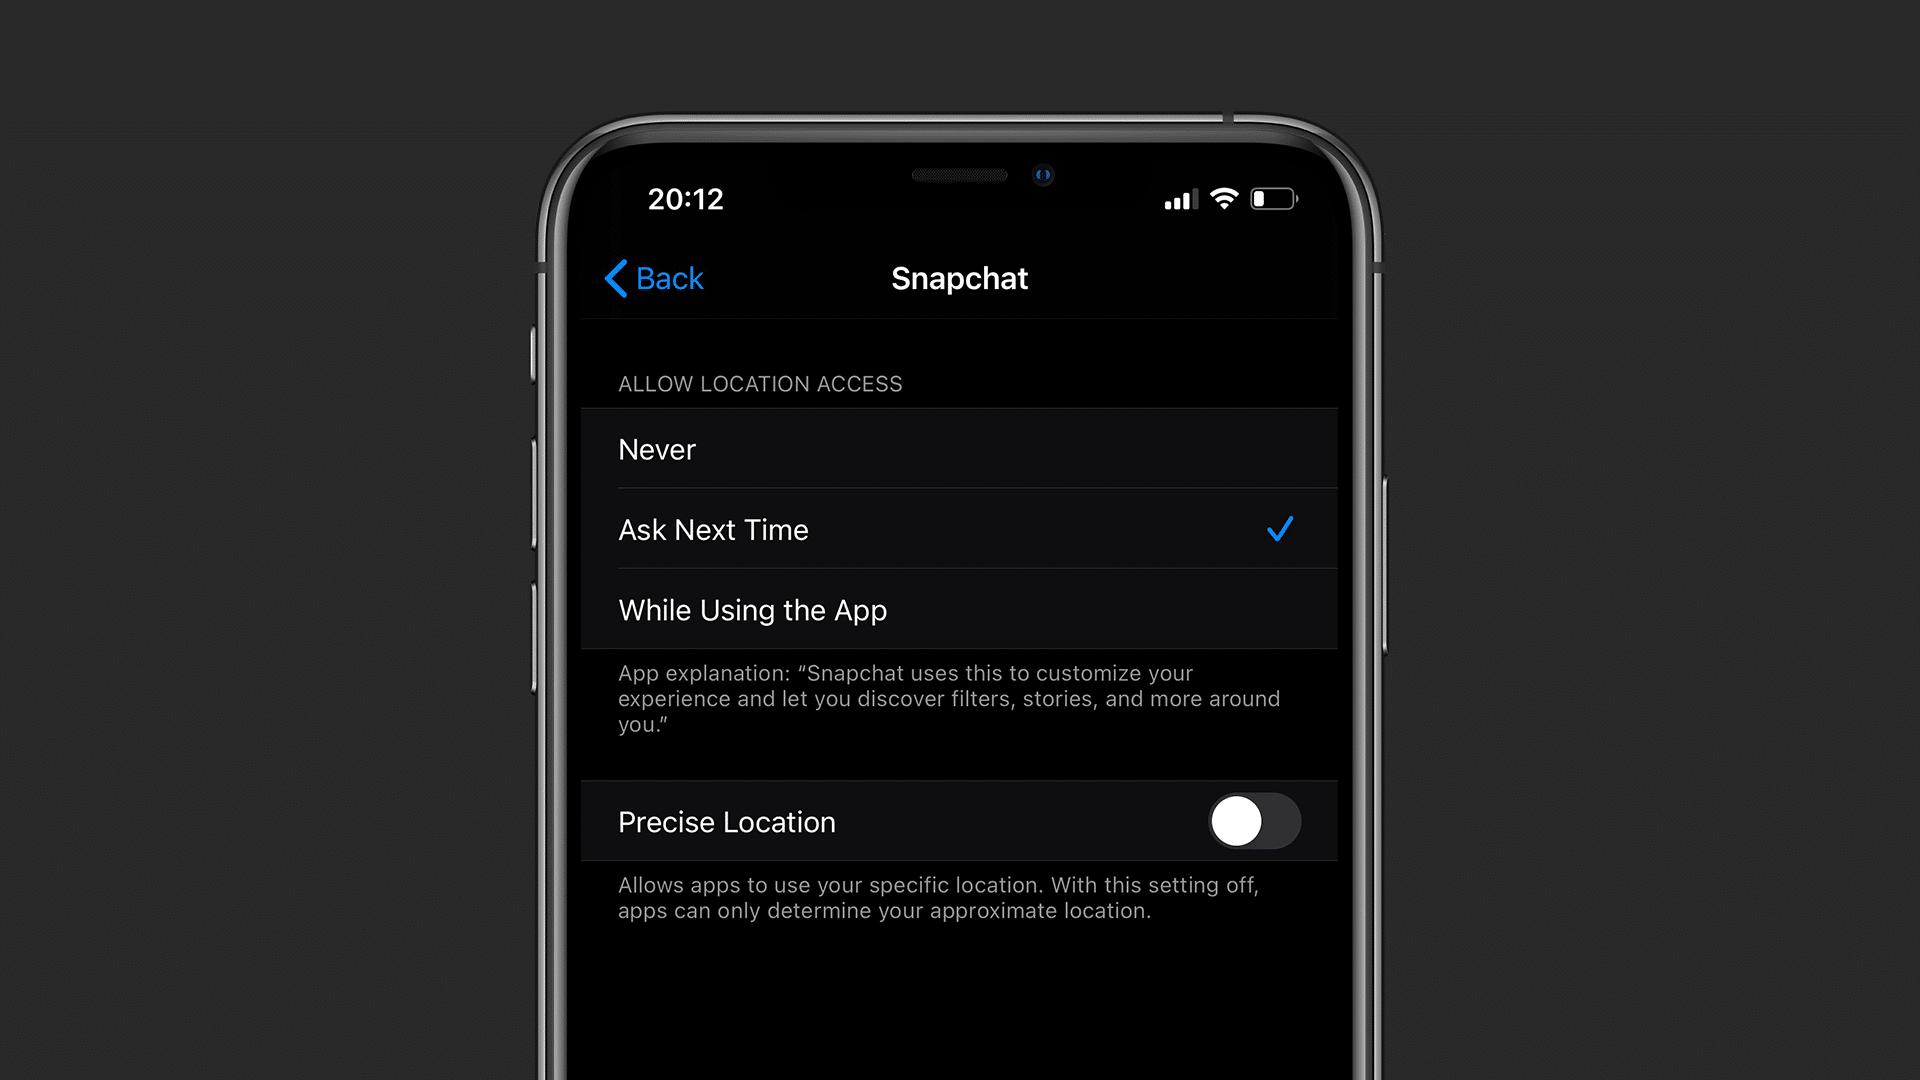 Ajuste de localização precisa no iOS 14